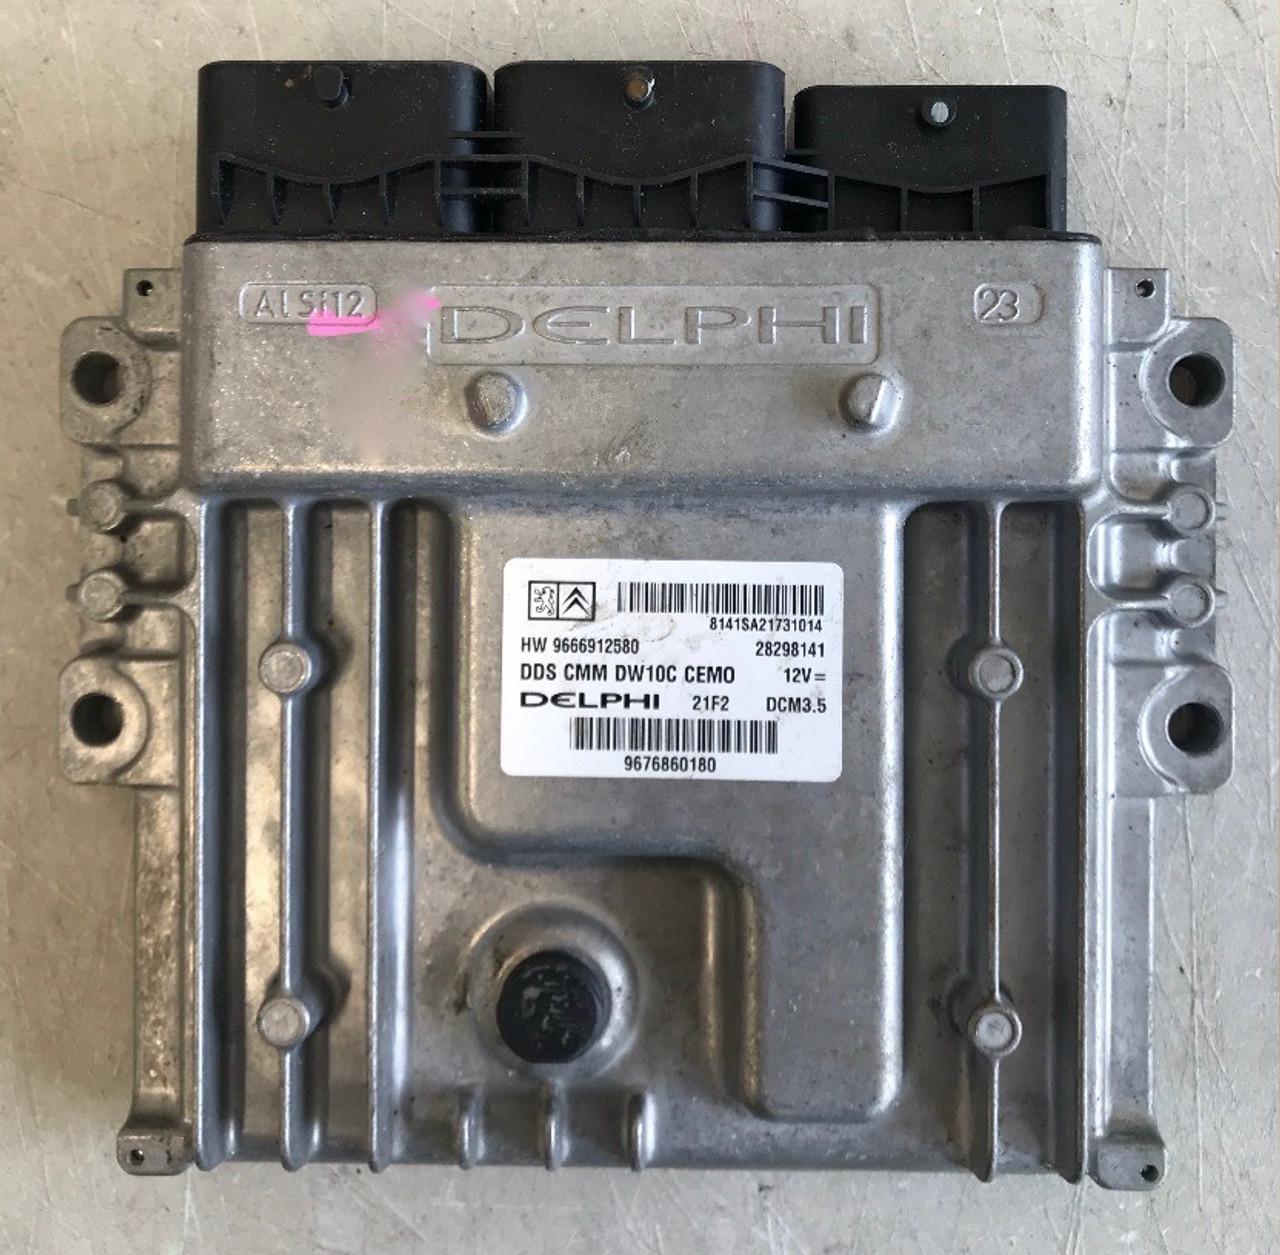 HDI Delphi  HW 9666912580  28298141  9676860180  DCM3.5